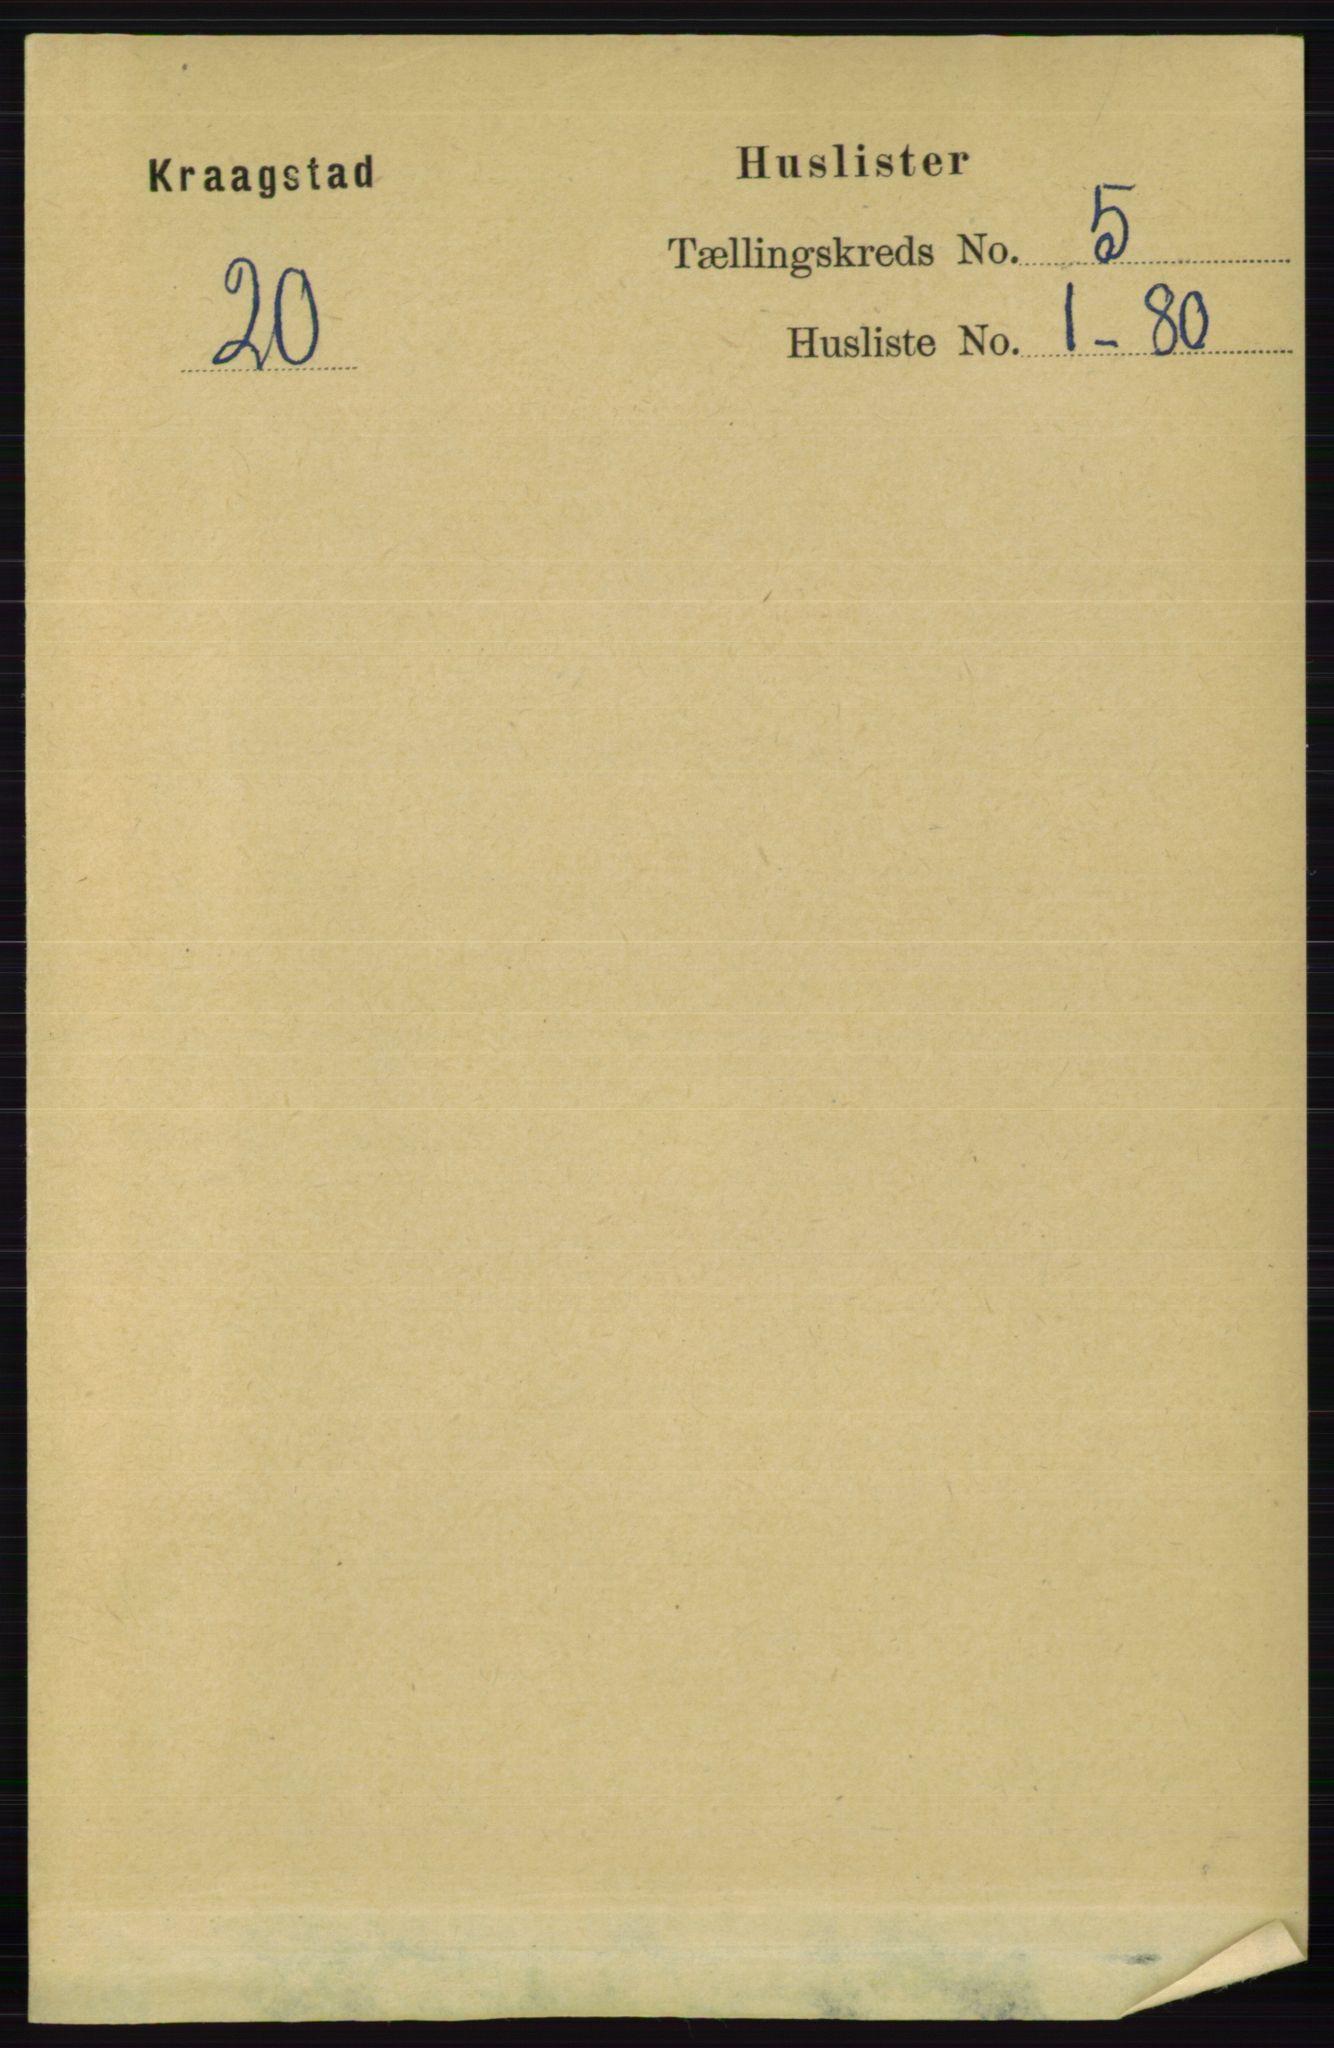 RA, Folketelling 1891 for 0212 Kråkstad herred, 1891, s. 2401